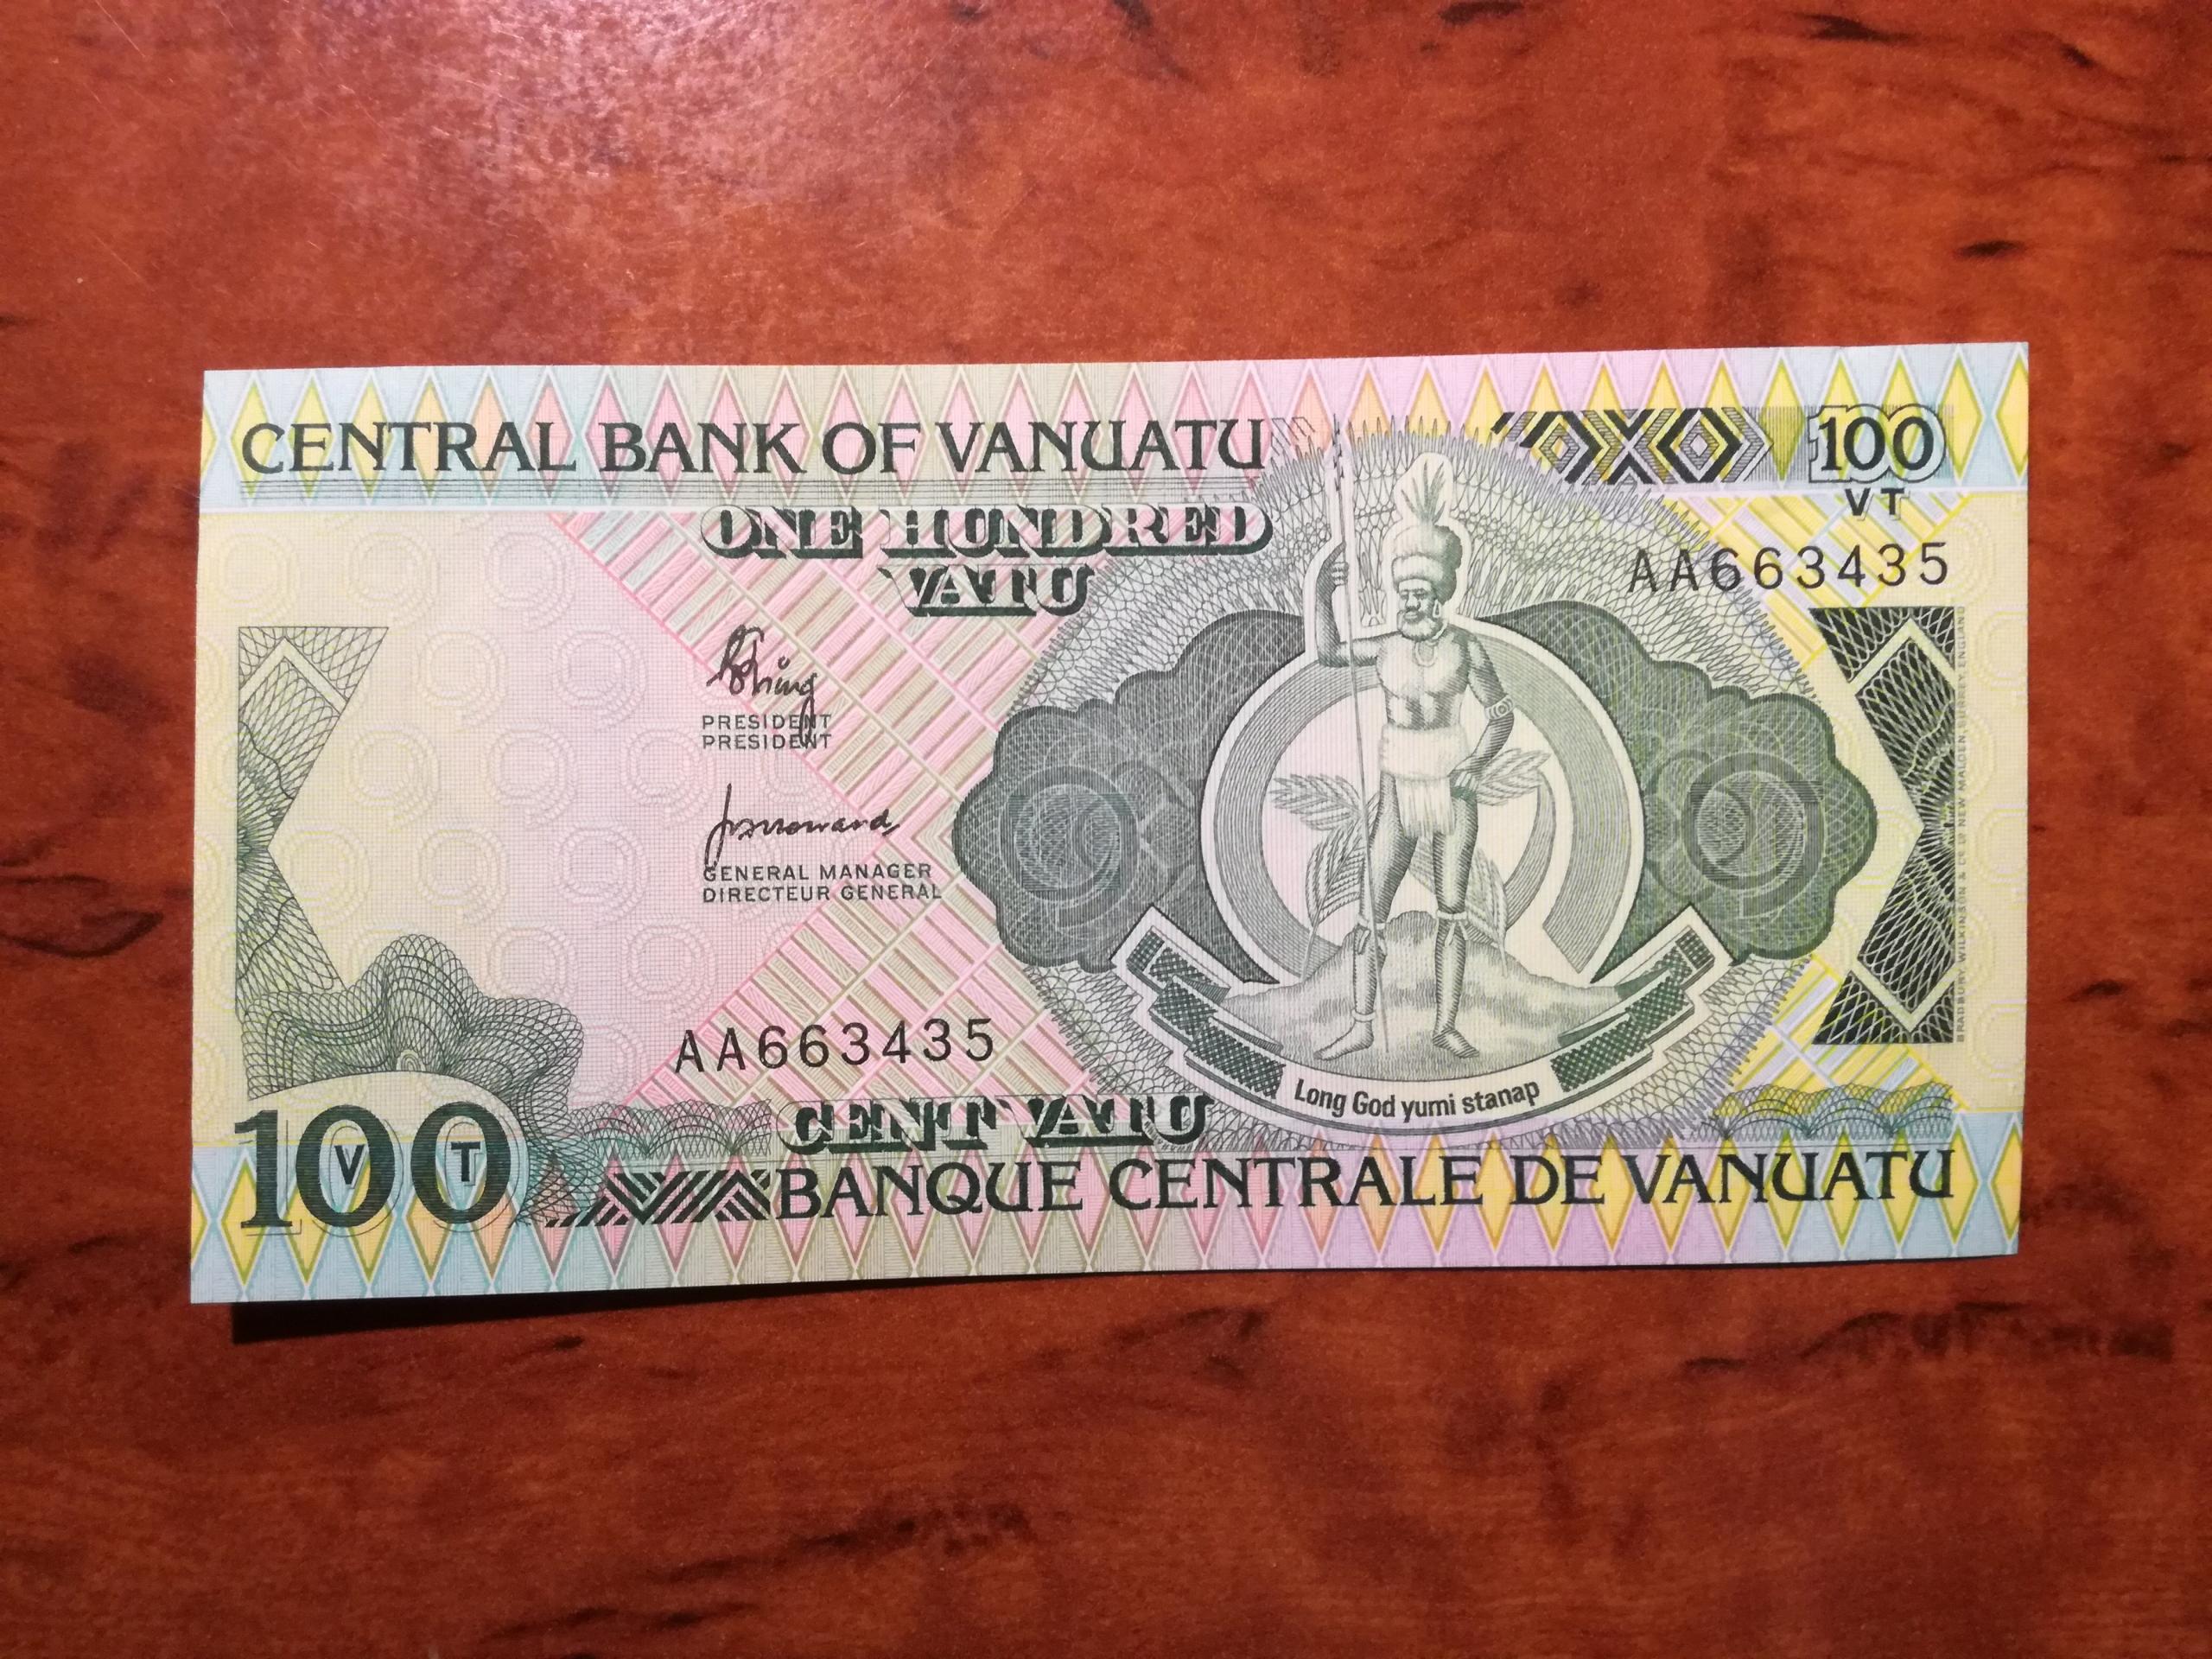 Fidżi 2 Dollars 2000 r. Millennium. 353/1